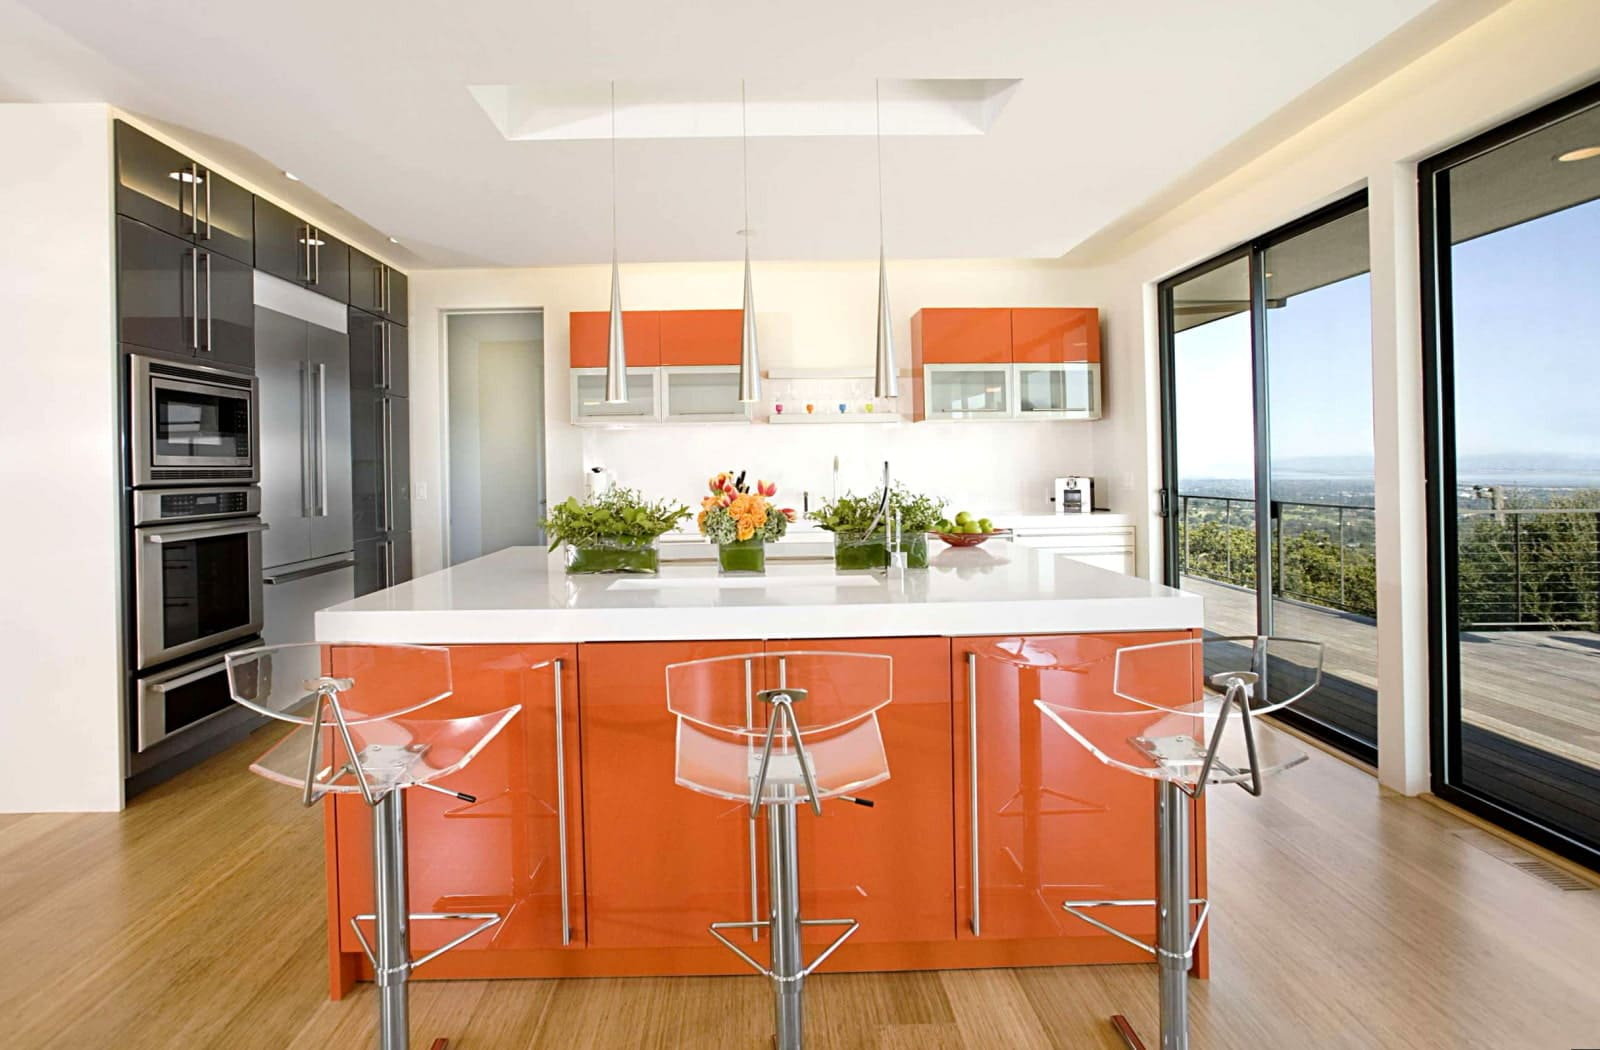 стеклянные стулья в интерьере оранжевой кухни